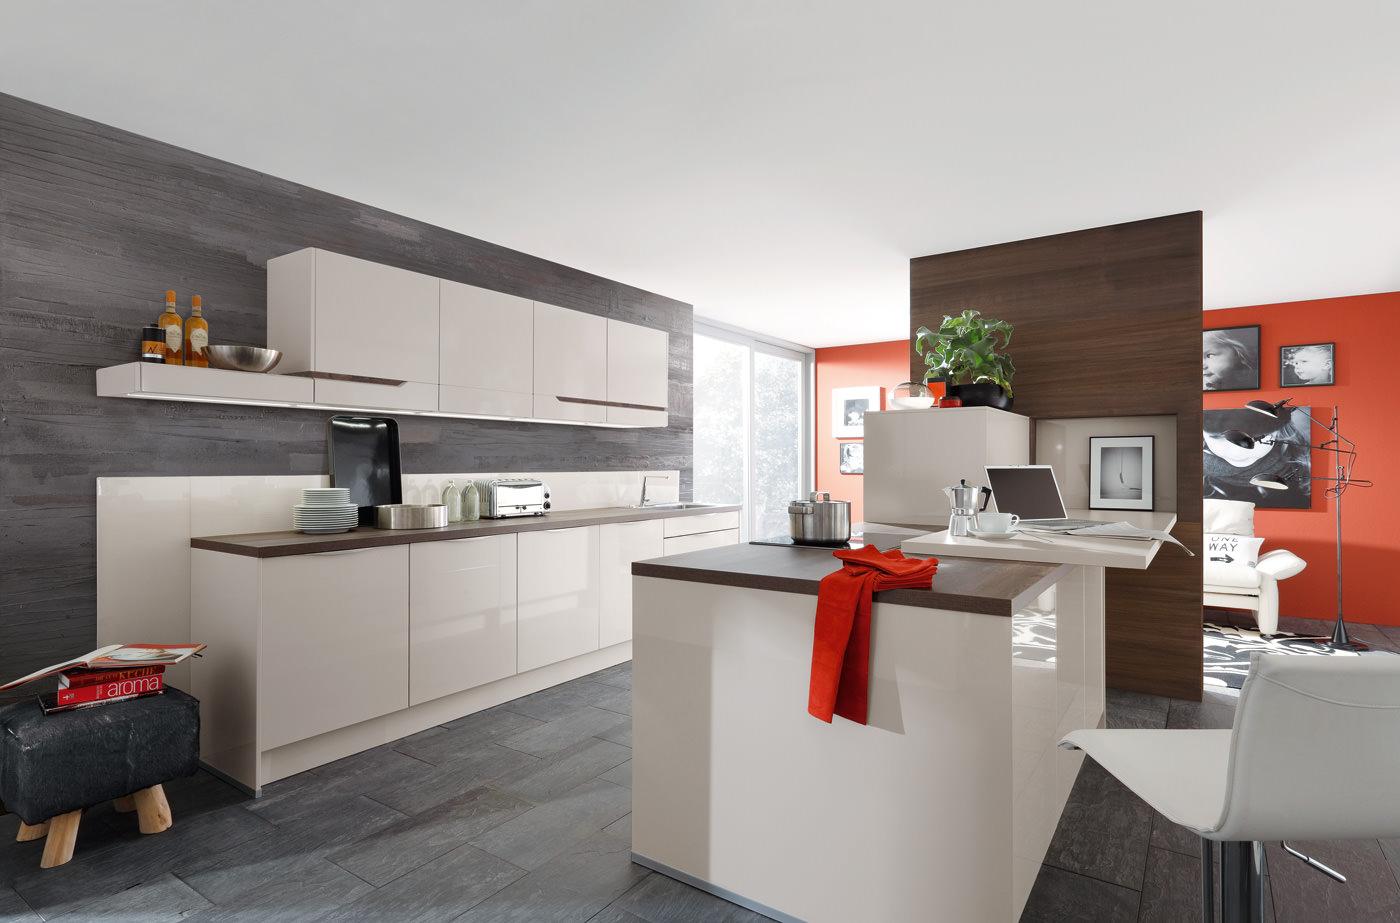 k chenausstellung in eisenh ttenstadt jetzt inspirieren lassen. Black Bedroom Furniture Sets. Home Design Ideas